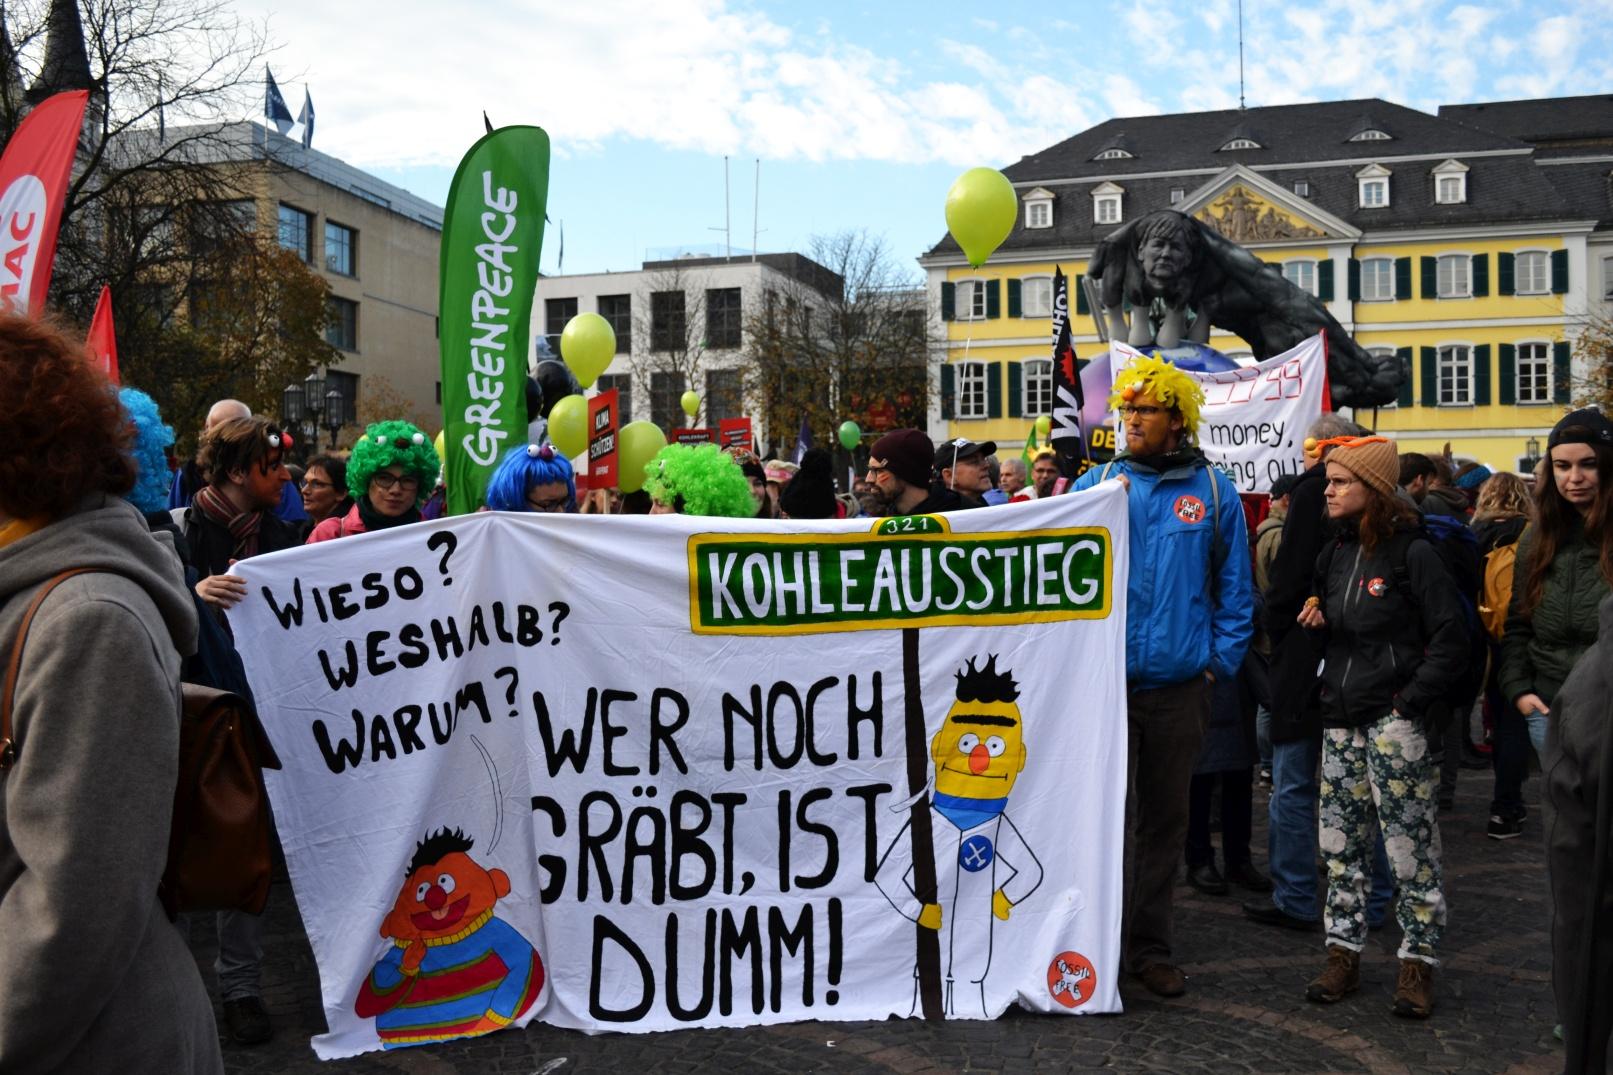 Klimademo auf dem Münsterplatz mit Banner - wer noch gräbt ist dumm